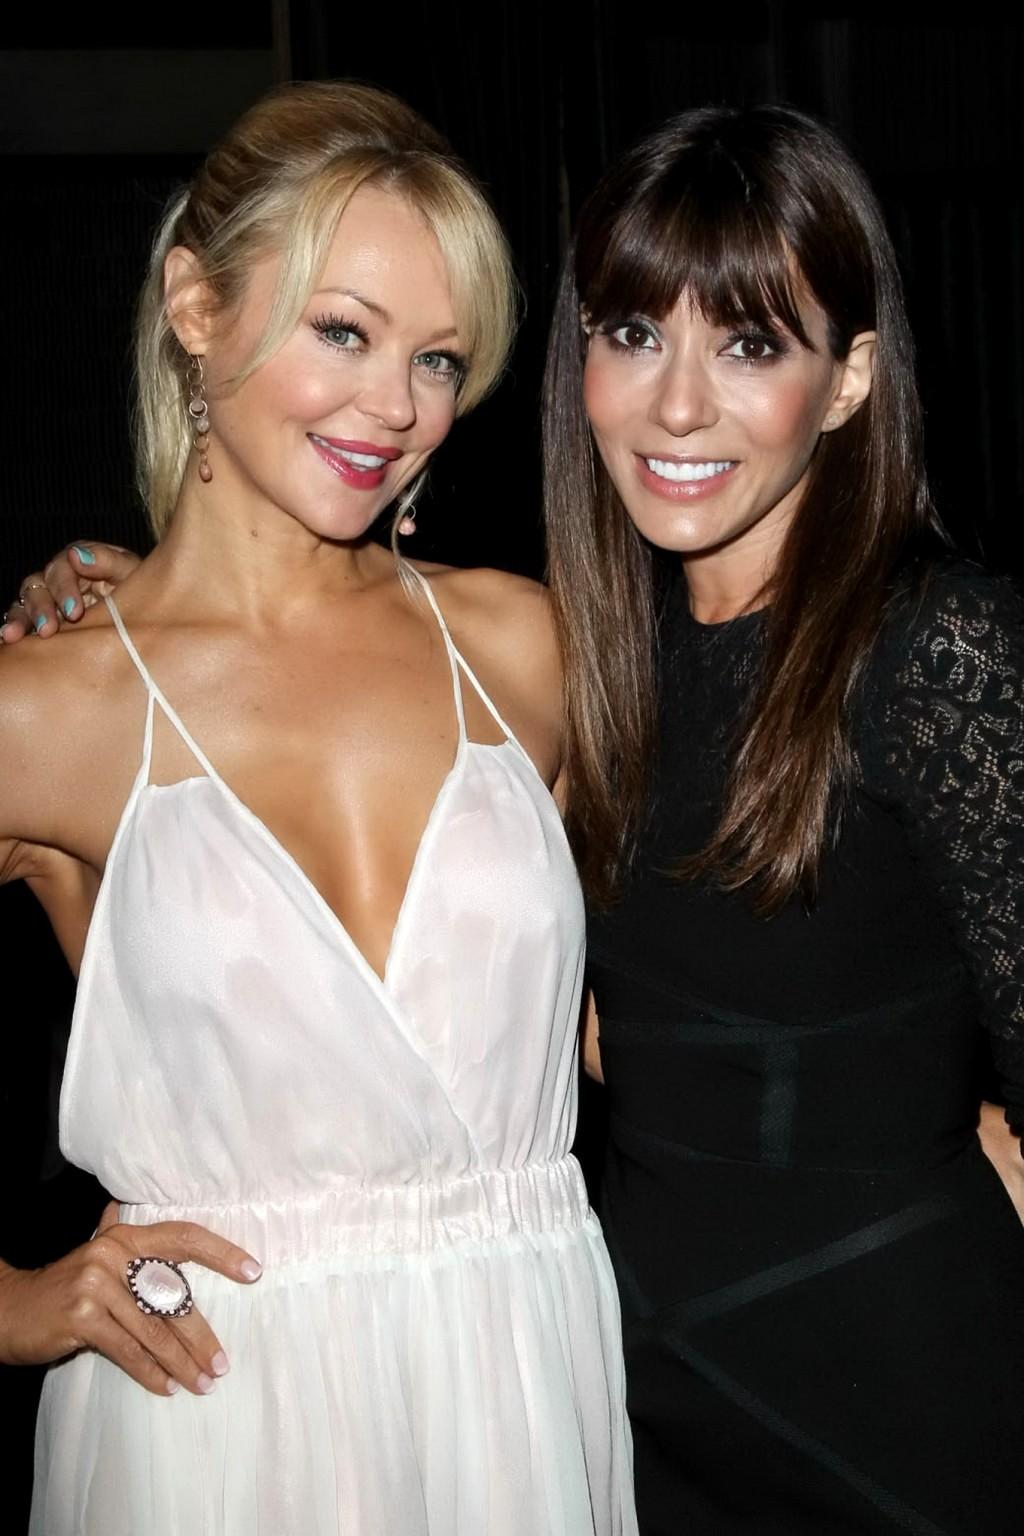 Club Girl Girl Kim Kardashian Many Celebrity Xxxsex Sex HD